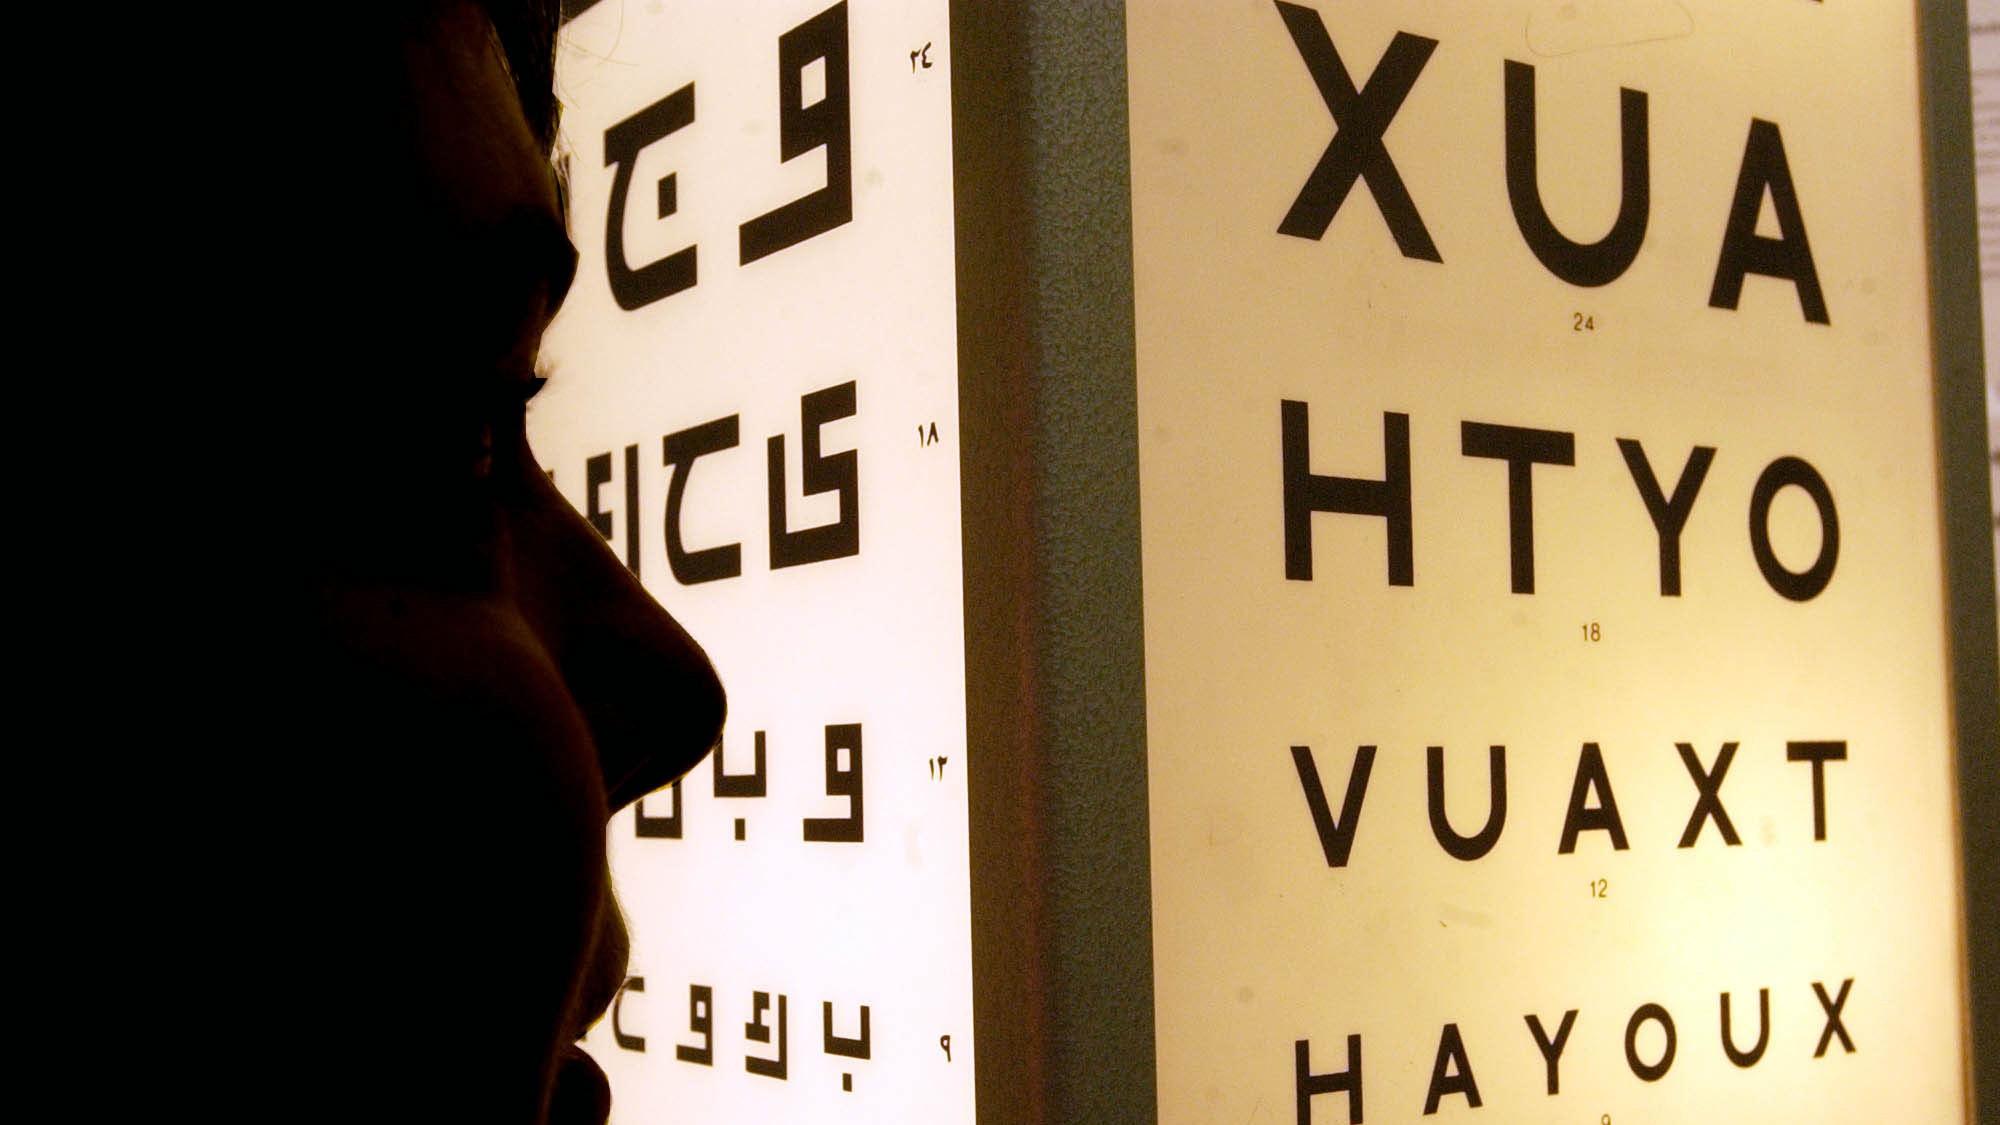 Ilustração da silueta de um rosto de uma pessoa lendo a Tabela de Snellen